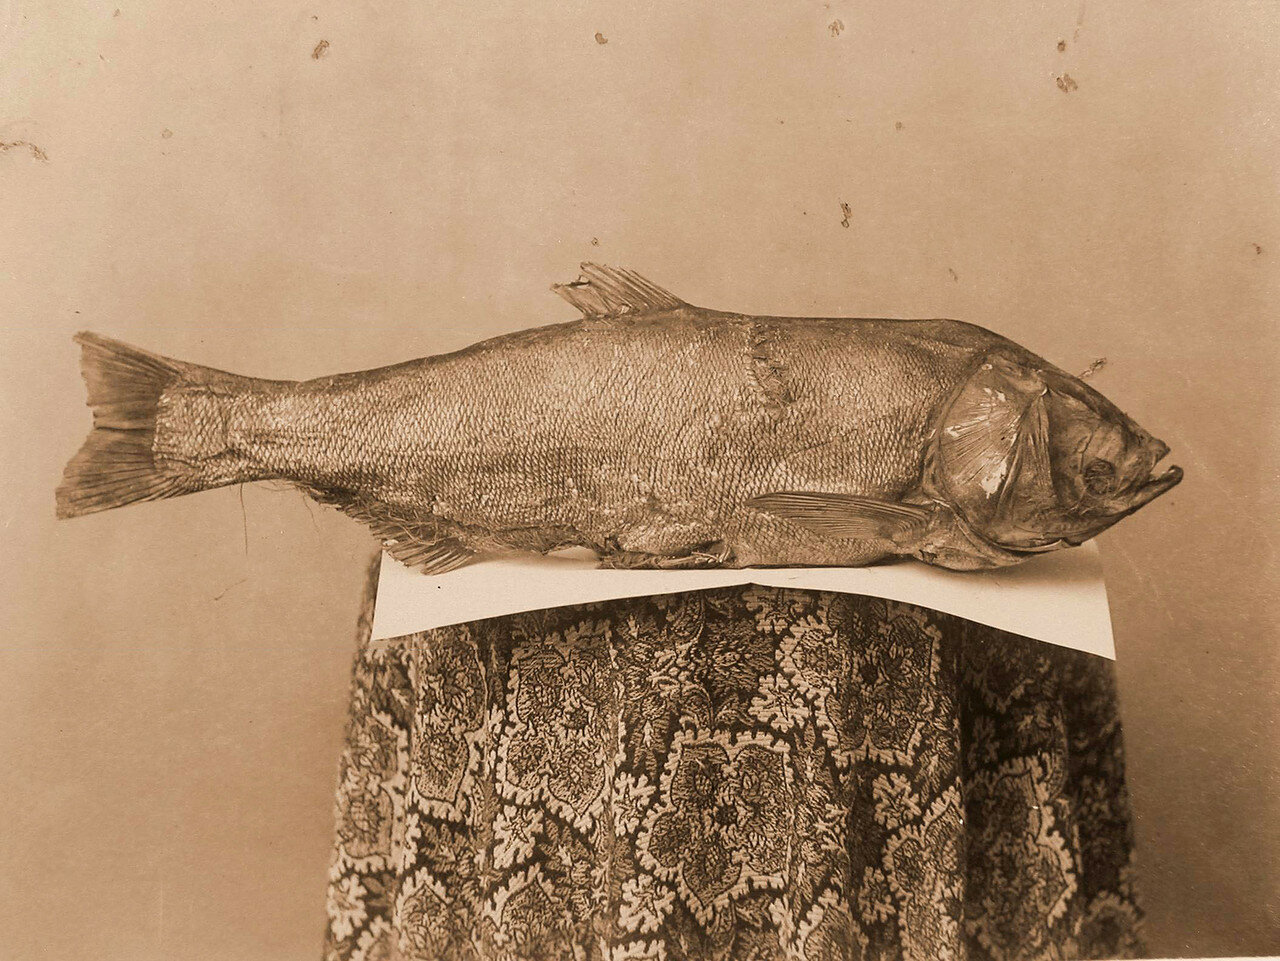 82. Один из экспонатов отдела Рыболовство - новый вид рыбы, появившийся впервые в Аргуни в 1899 году